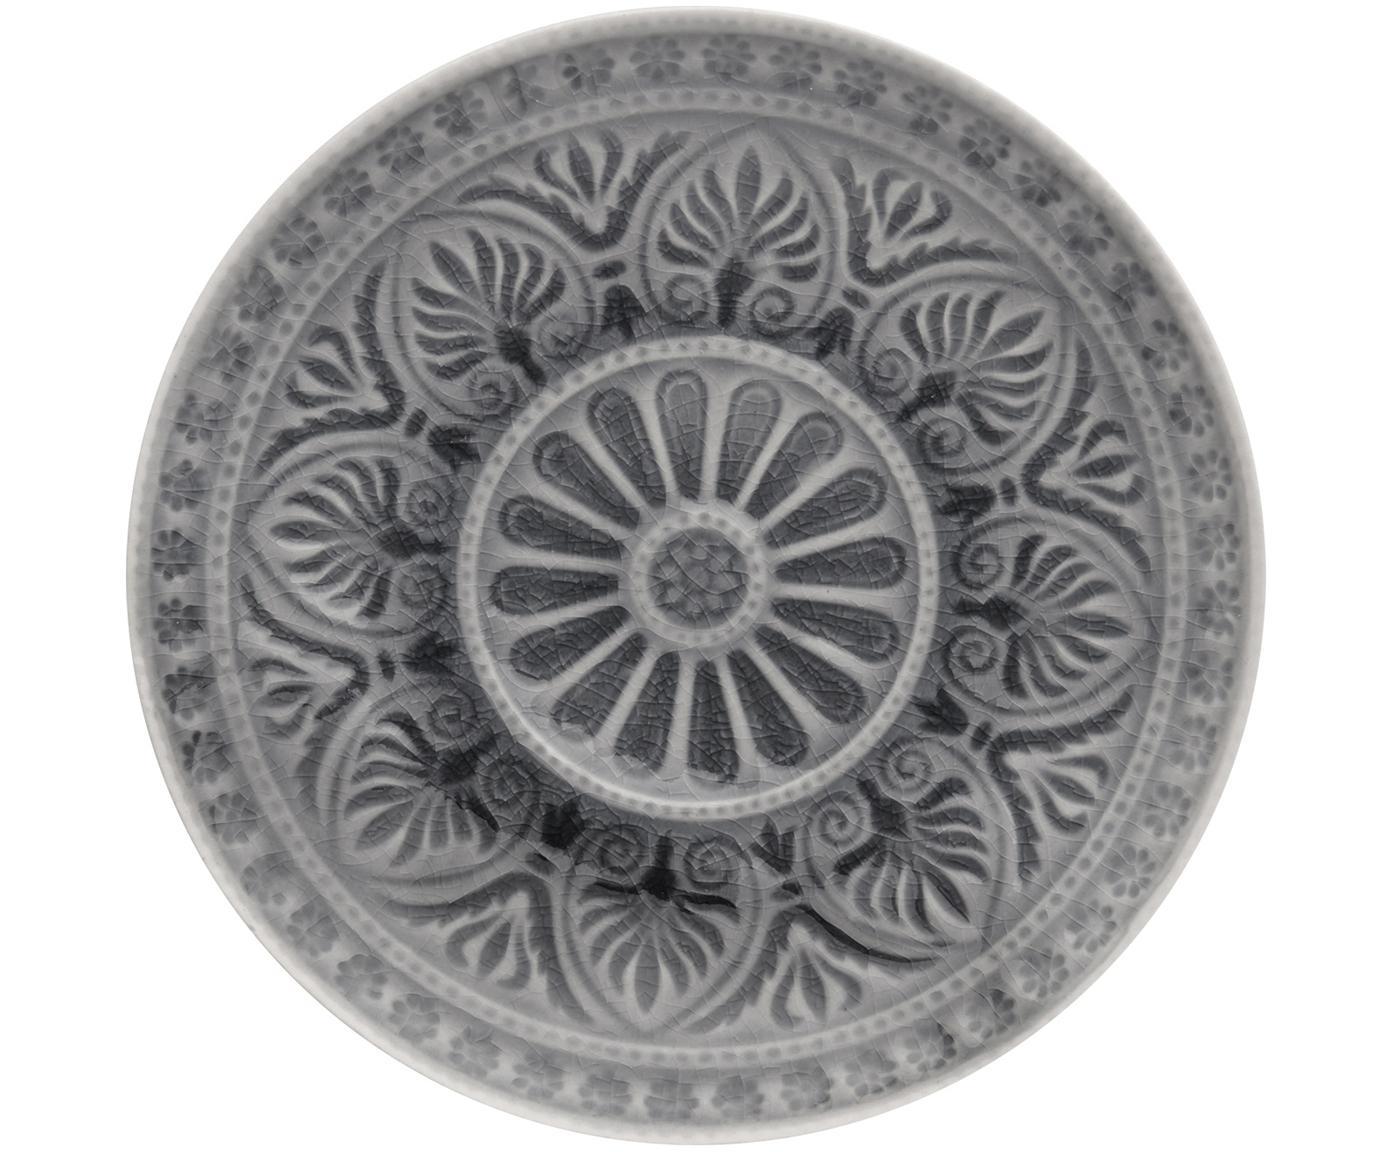 Broodbord Sumatra, 2 stuks, Keramiek, Grijs, Ø 14 cm